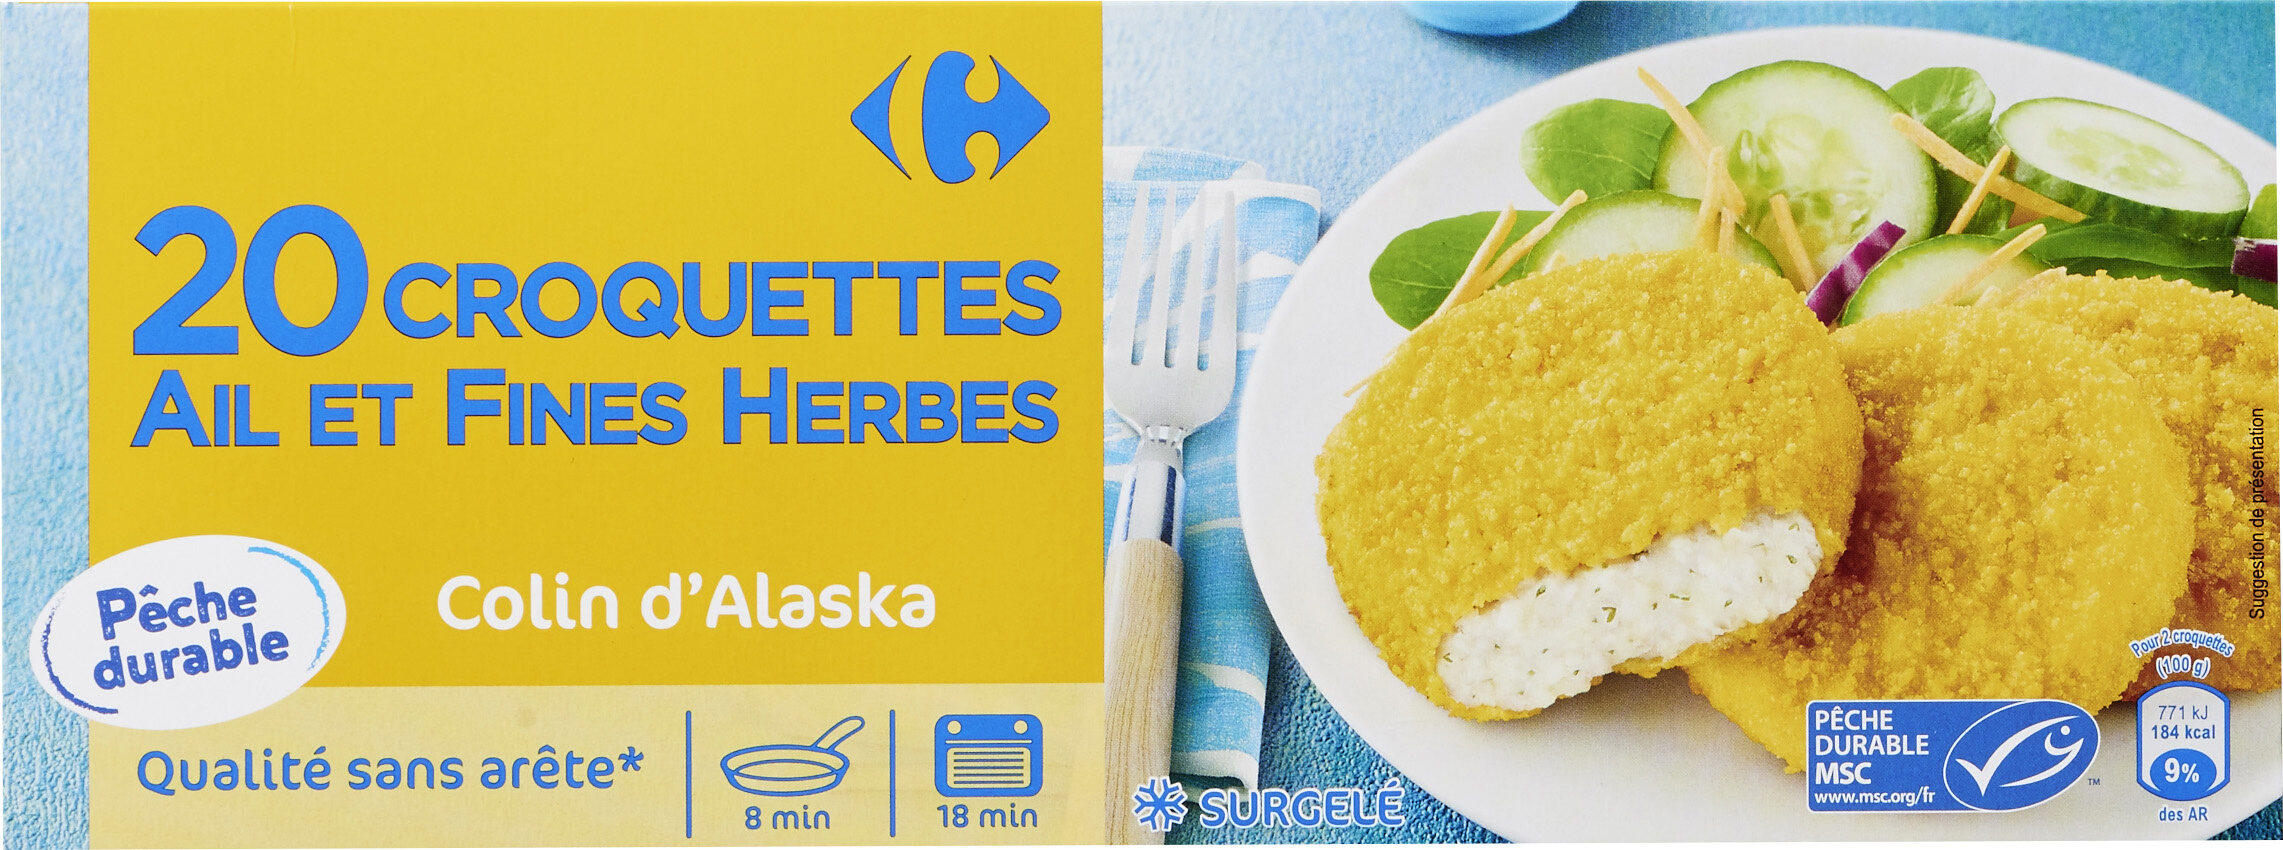 20 Croquettes de poisson - Produit - fr